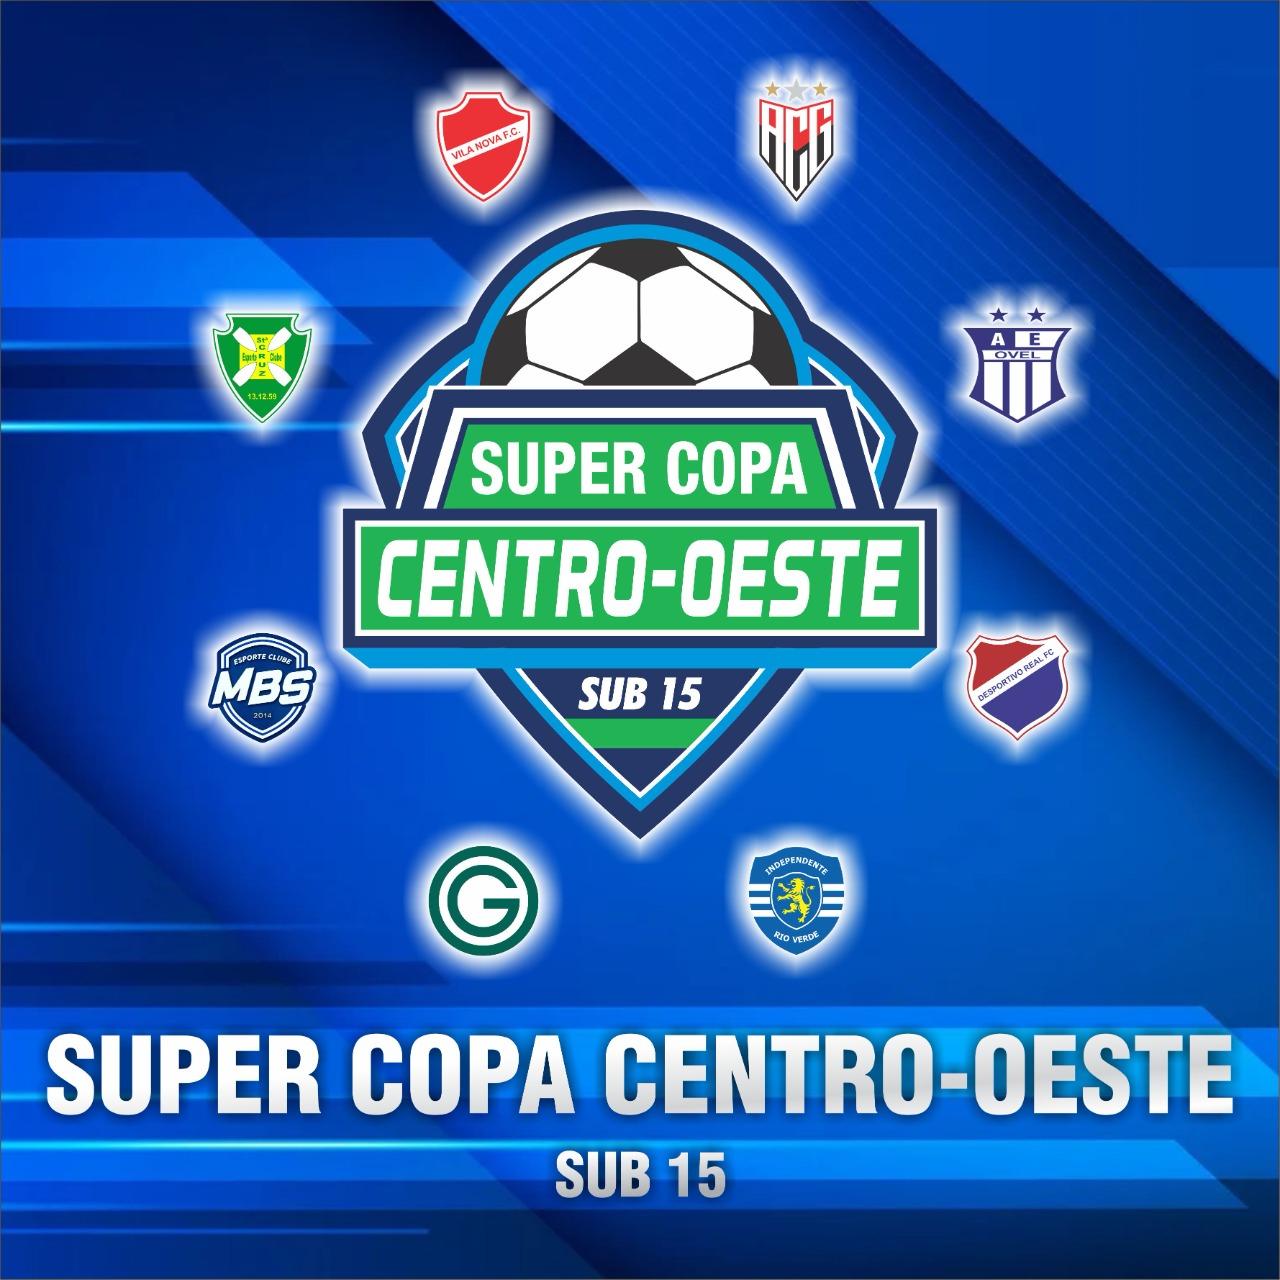 Independente de Rio Verde confirma participação na Super Copa Centro-Oeste Sub-15